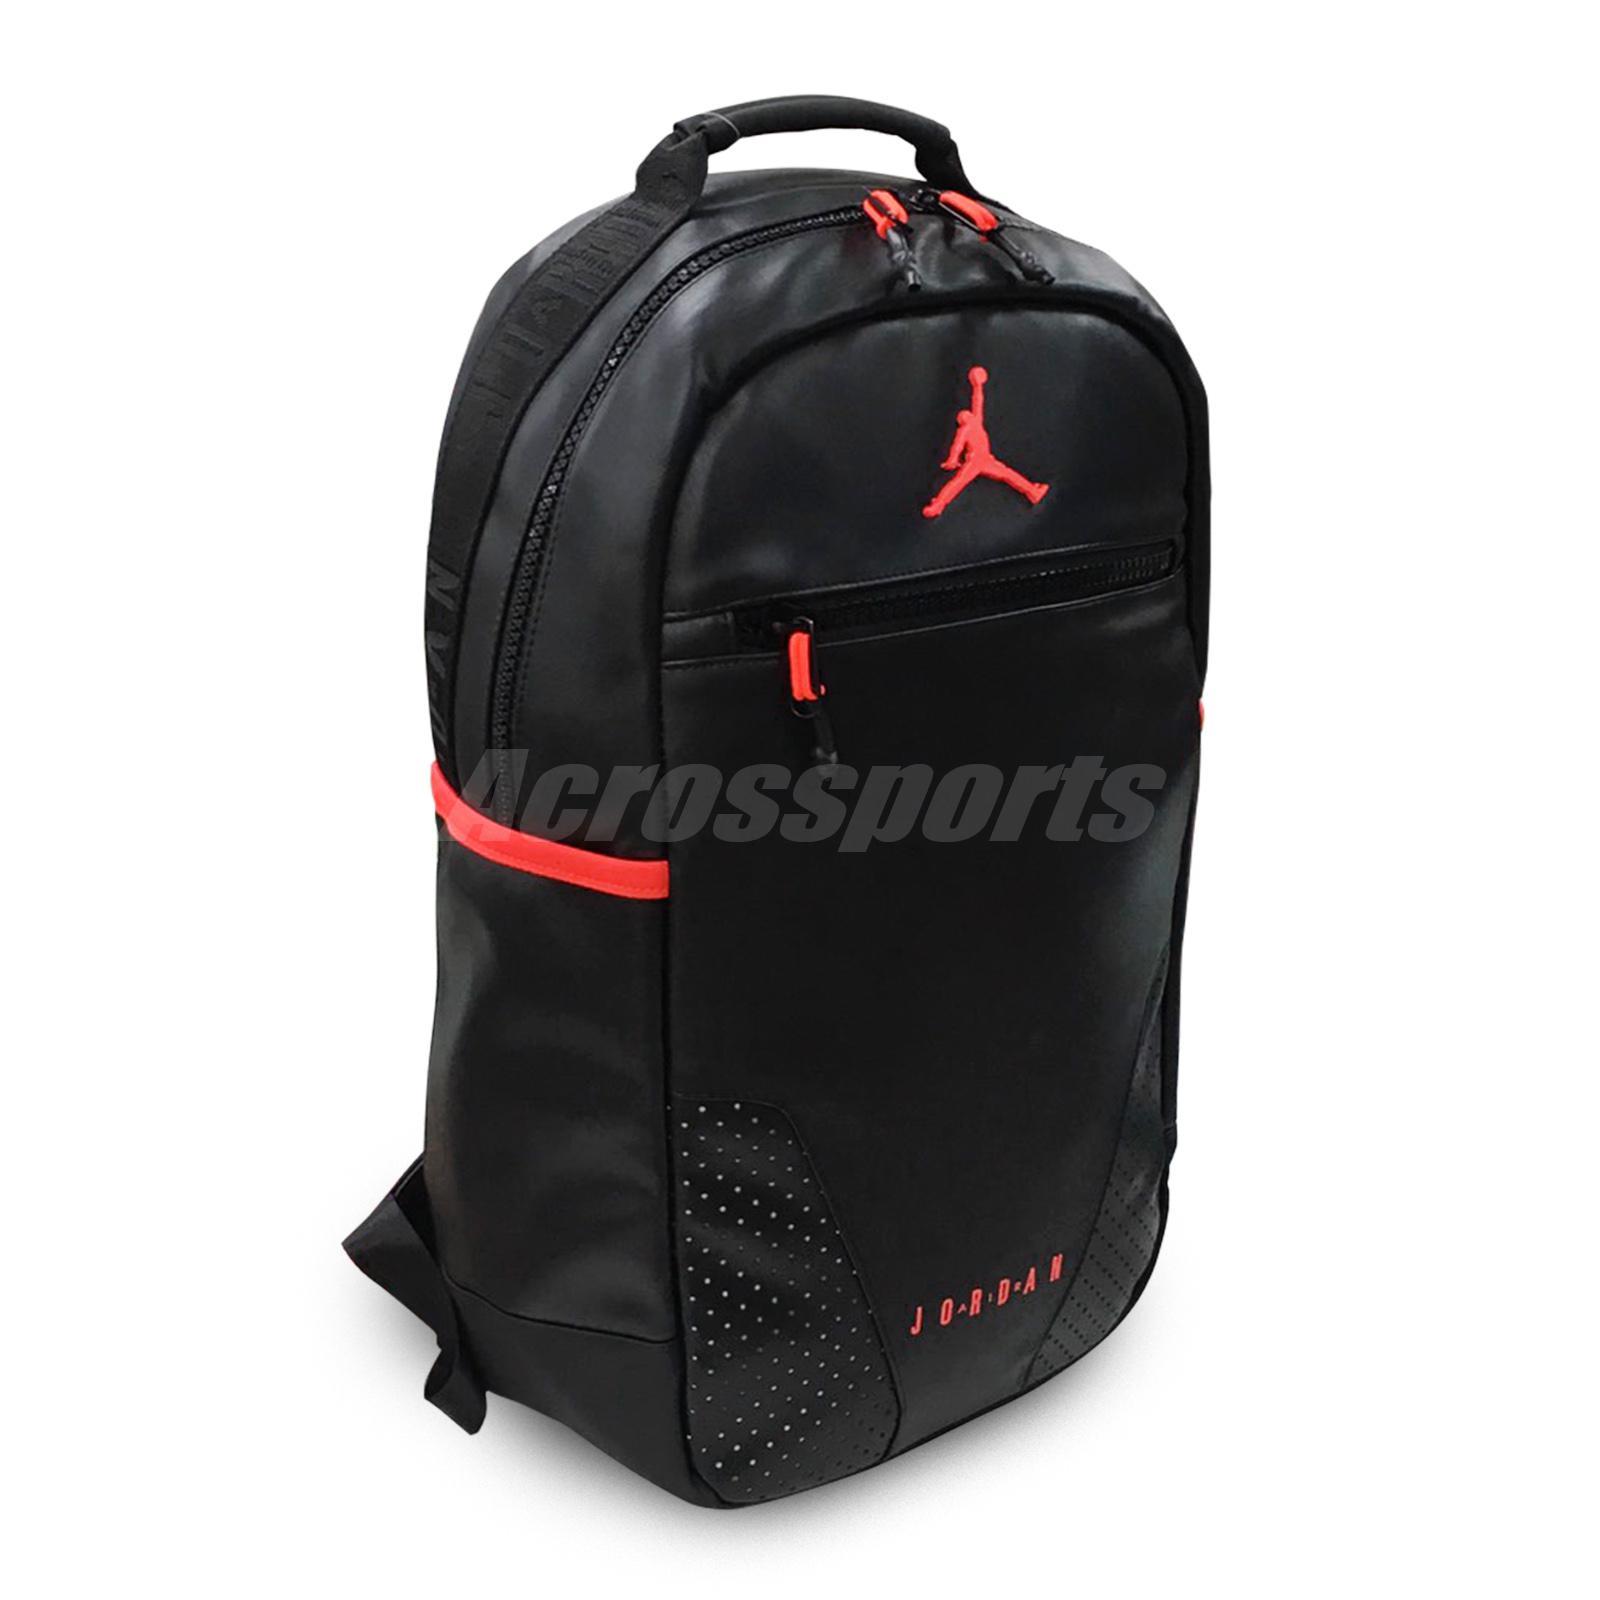 ded91b5f152 Nike Air Jordan Retro 6 IV Infrared Black Red PSG Backpack 2019 OG  9A0259-023